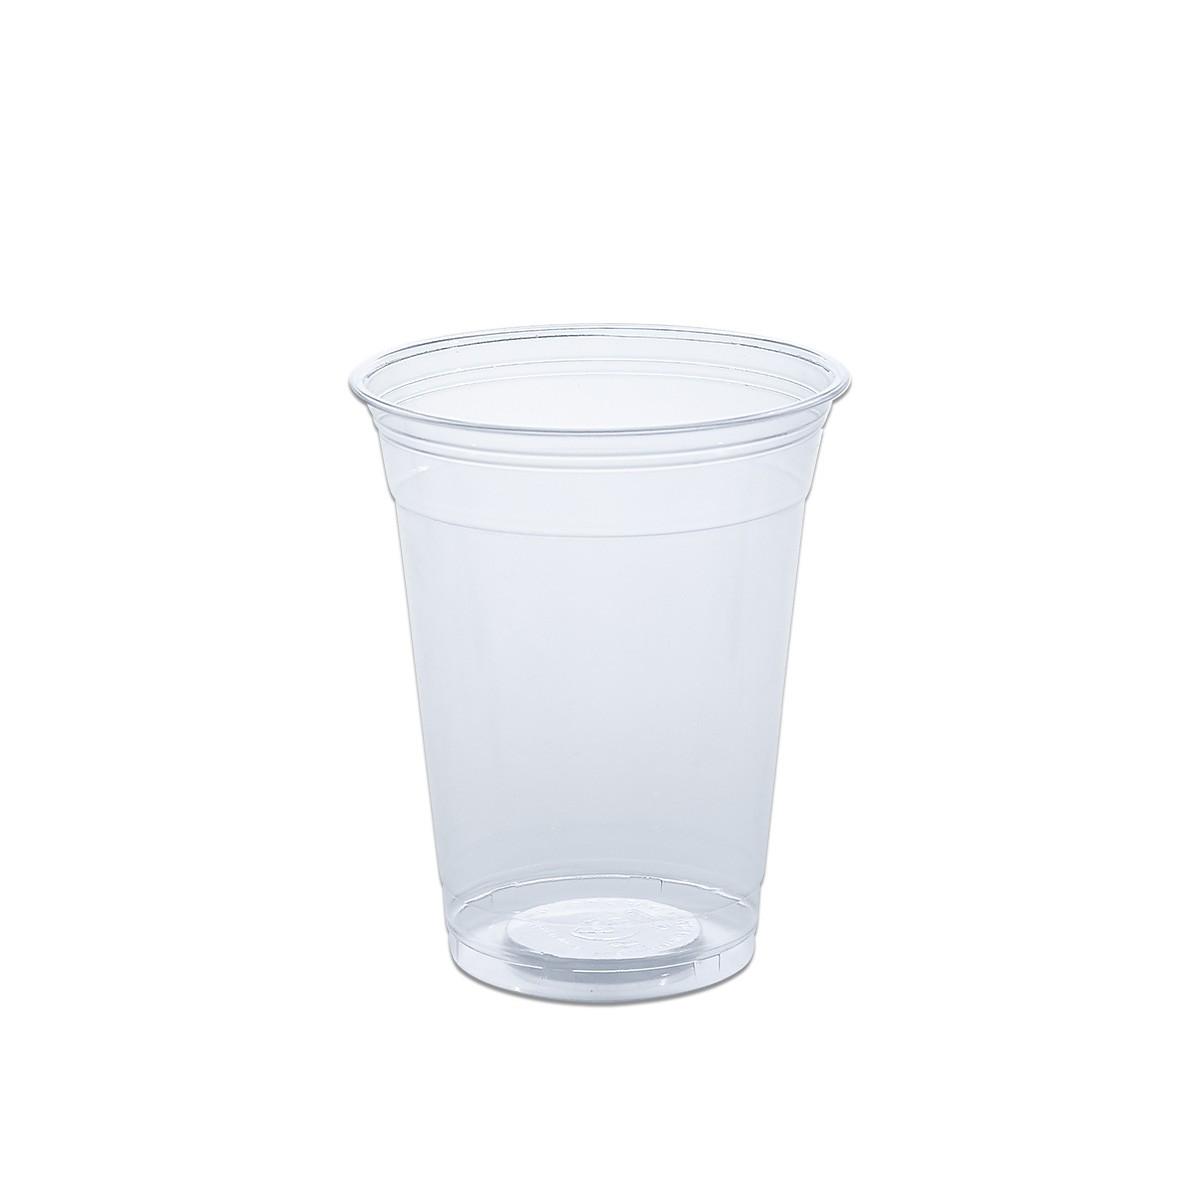 Clear Plastic Cups 16oz - PET | 50pcsx20pkts